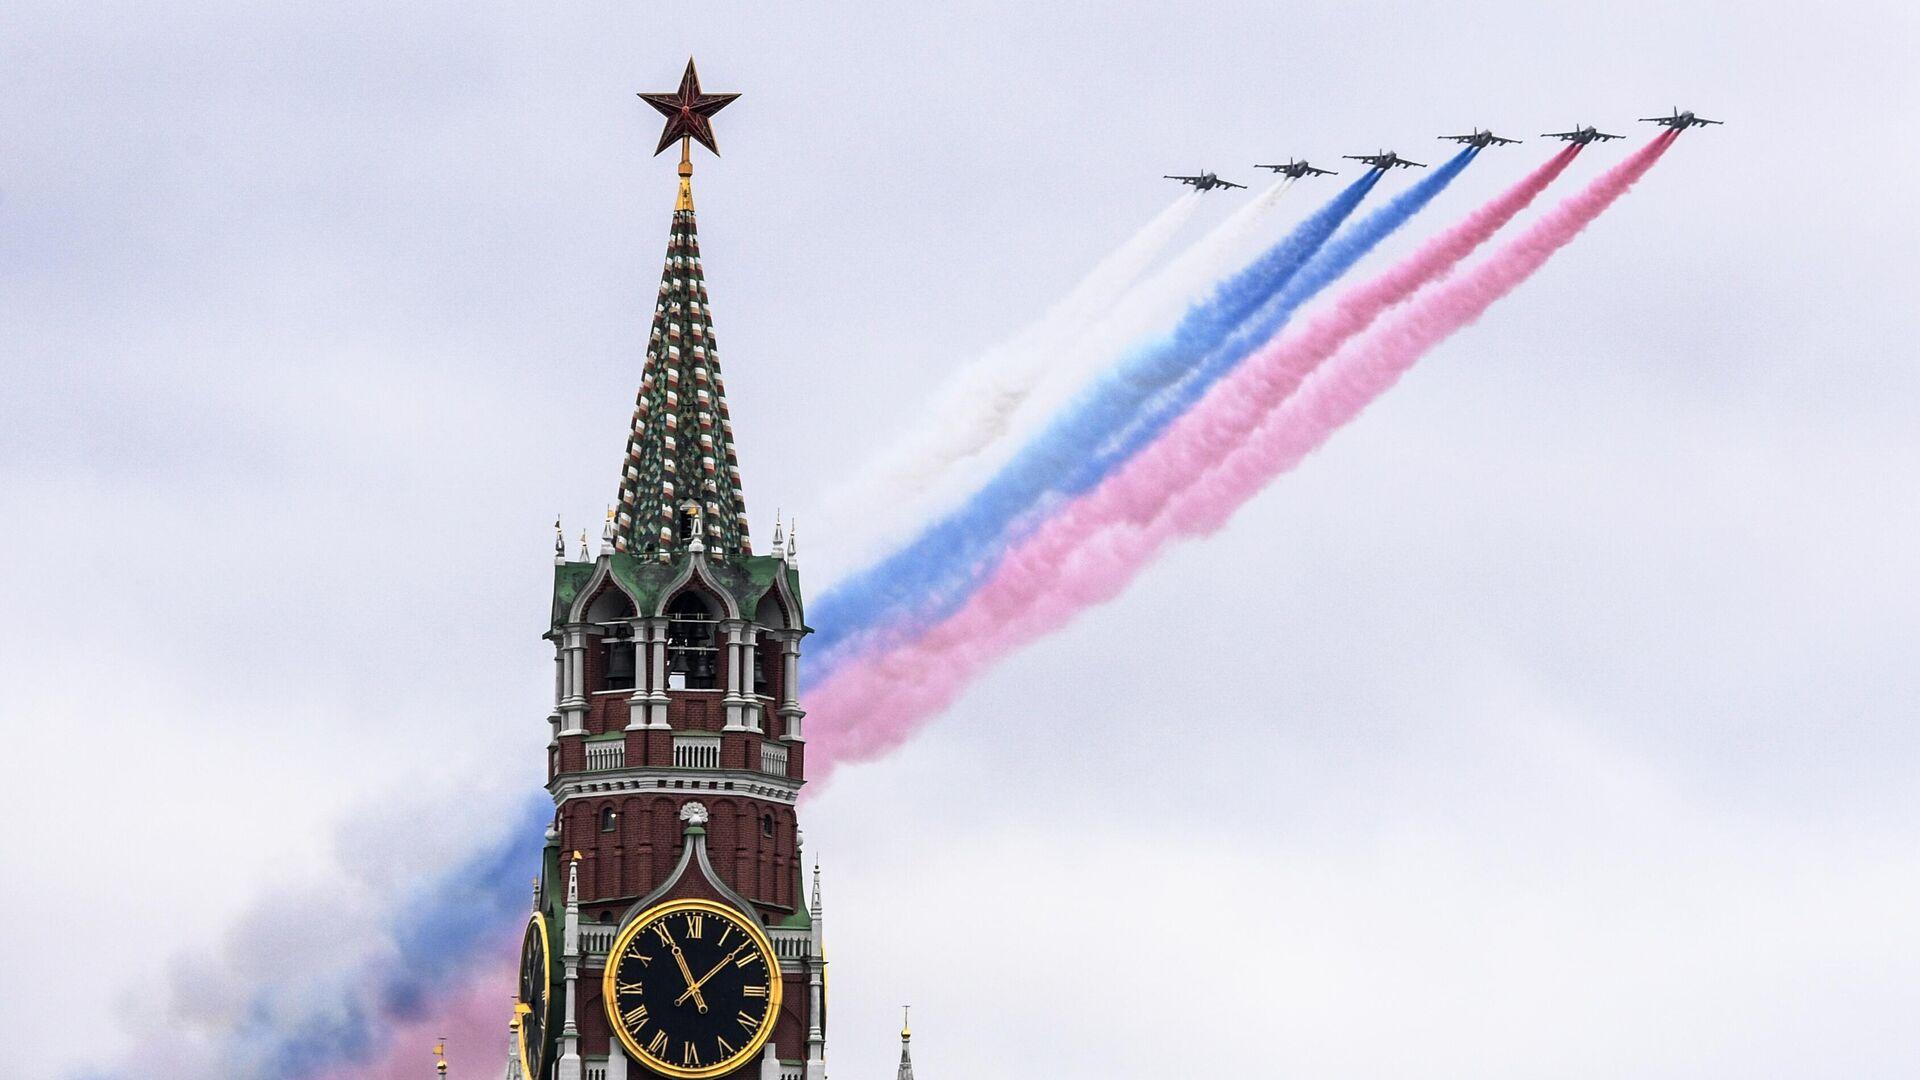 Самолеты-буксировщики мишеней Су-25БМ во время воздушной части парада в честь 76-й годовщины Победы в Великой Отечественной войне в Москве - РИА Новости, 1920, 12.05.2021